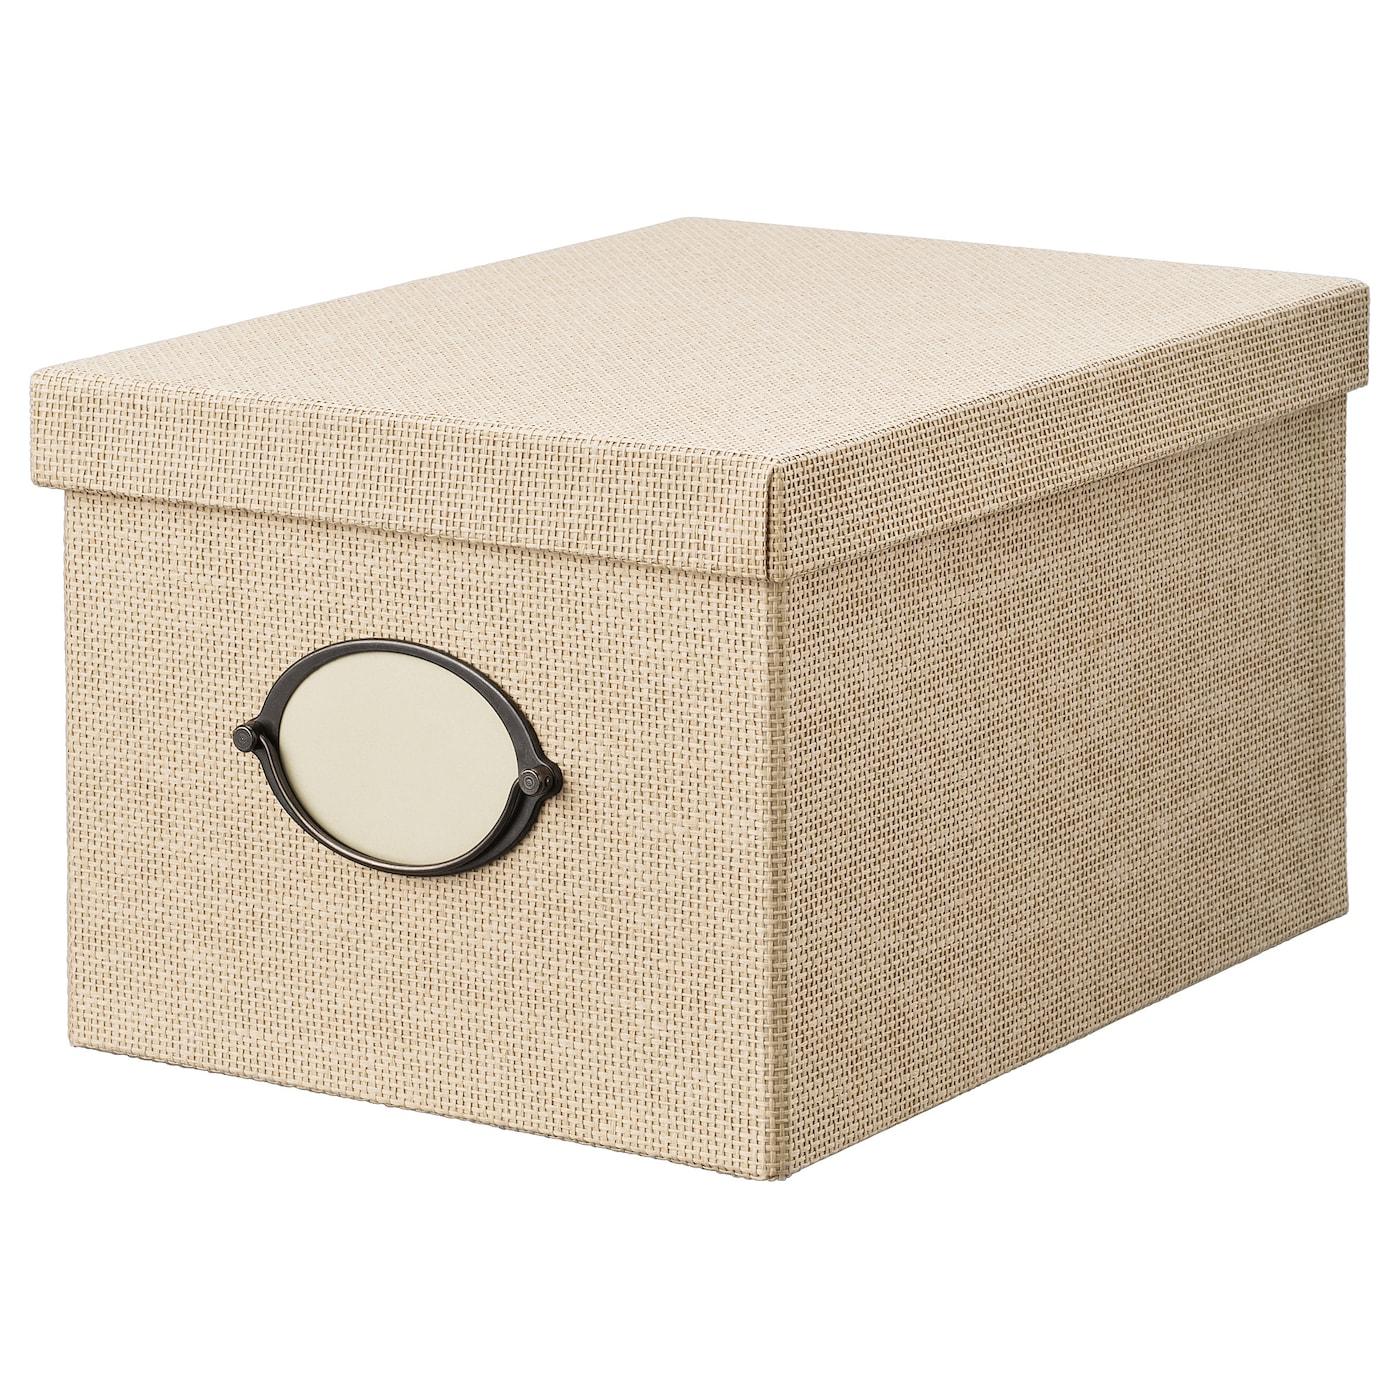 IKEA KVARNVIK Kasten mit Deckel – 35 x 25 x 20 cm – beige